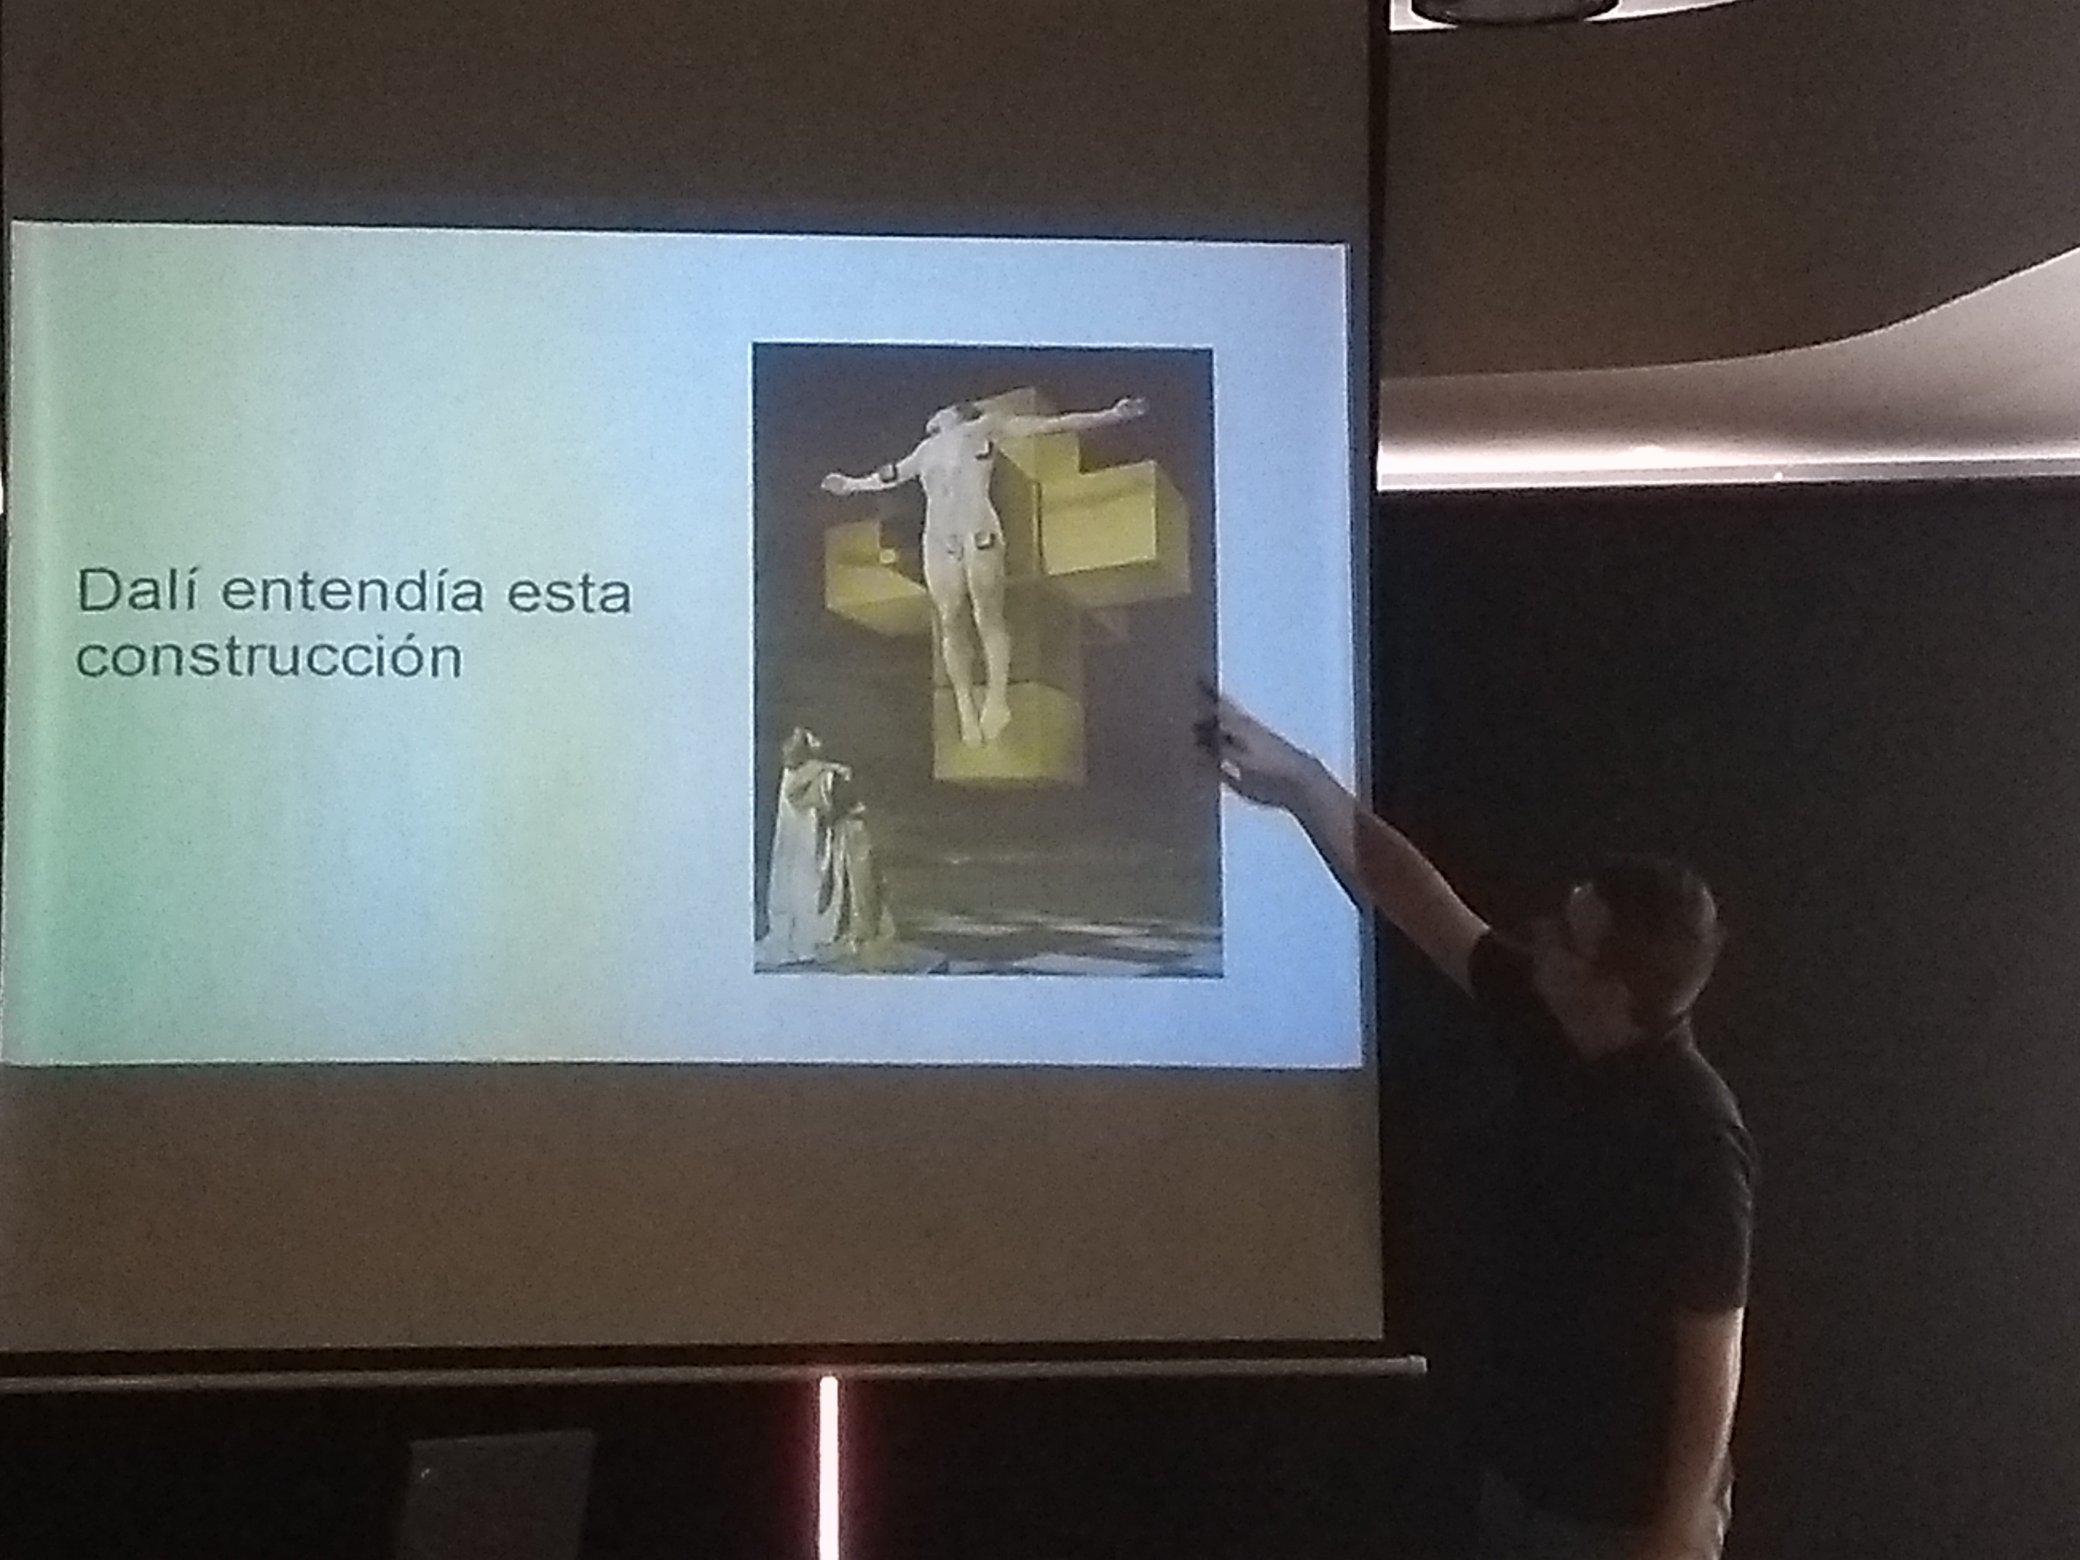 Obra crucifixión de Dalí, con Jesucristo en un hipercubo (teseracto).